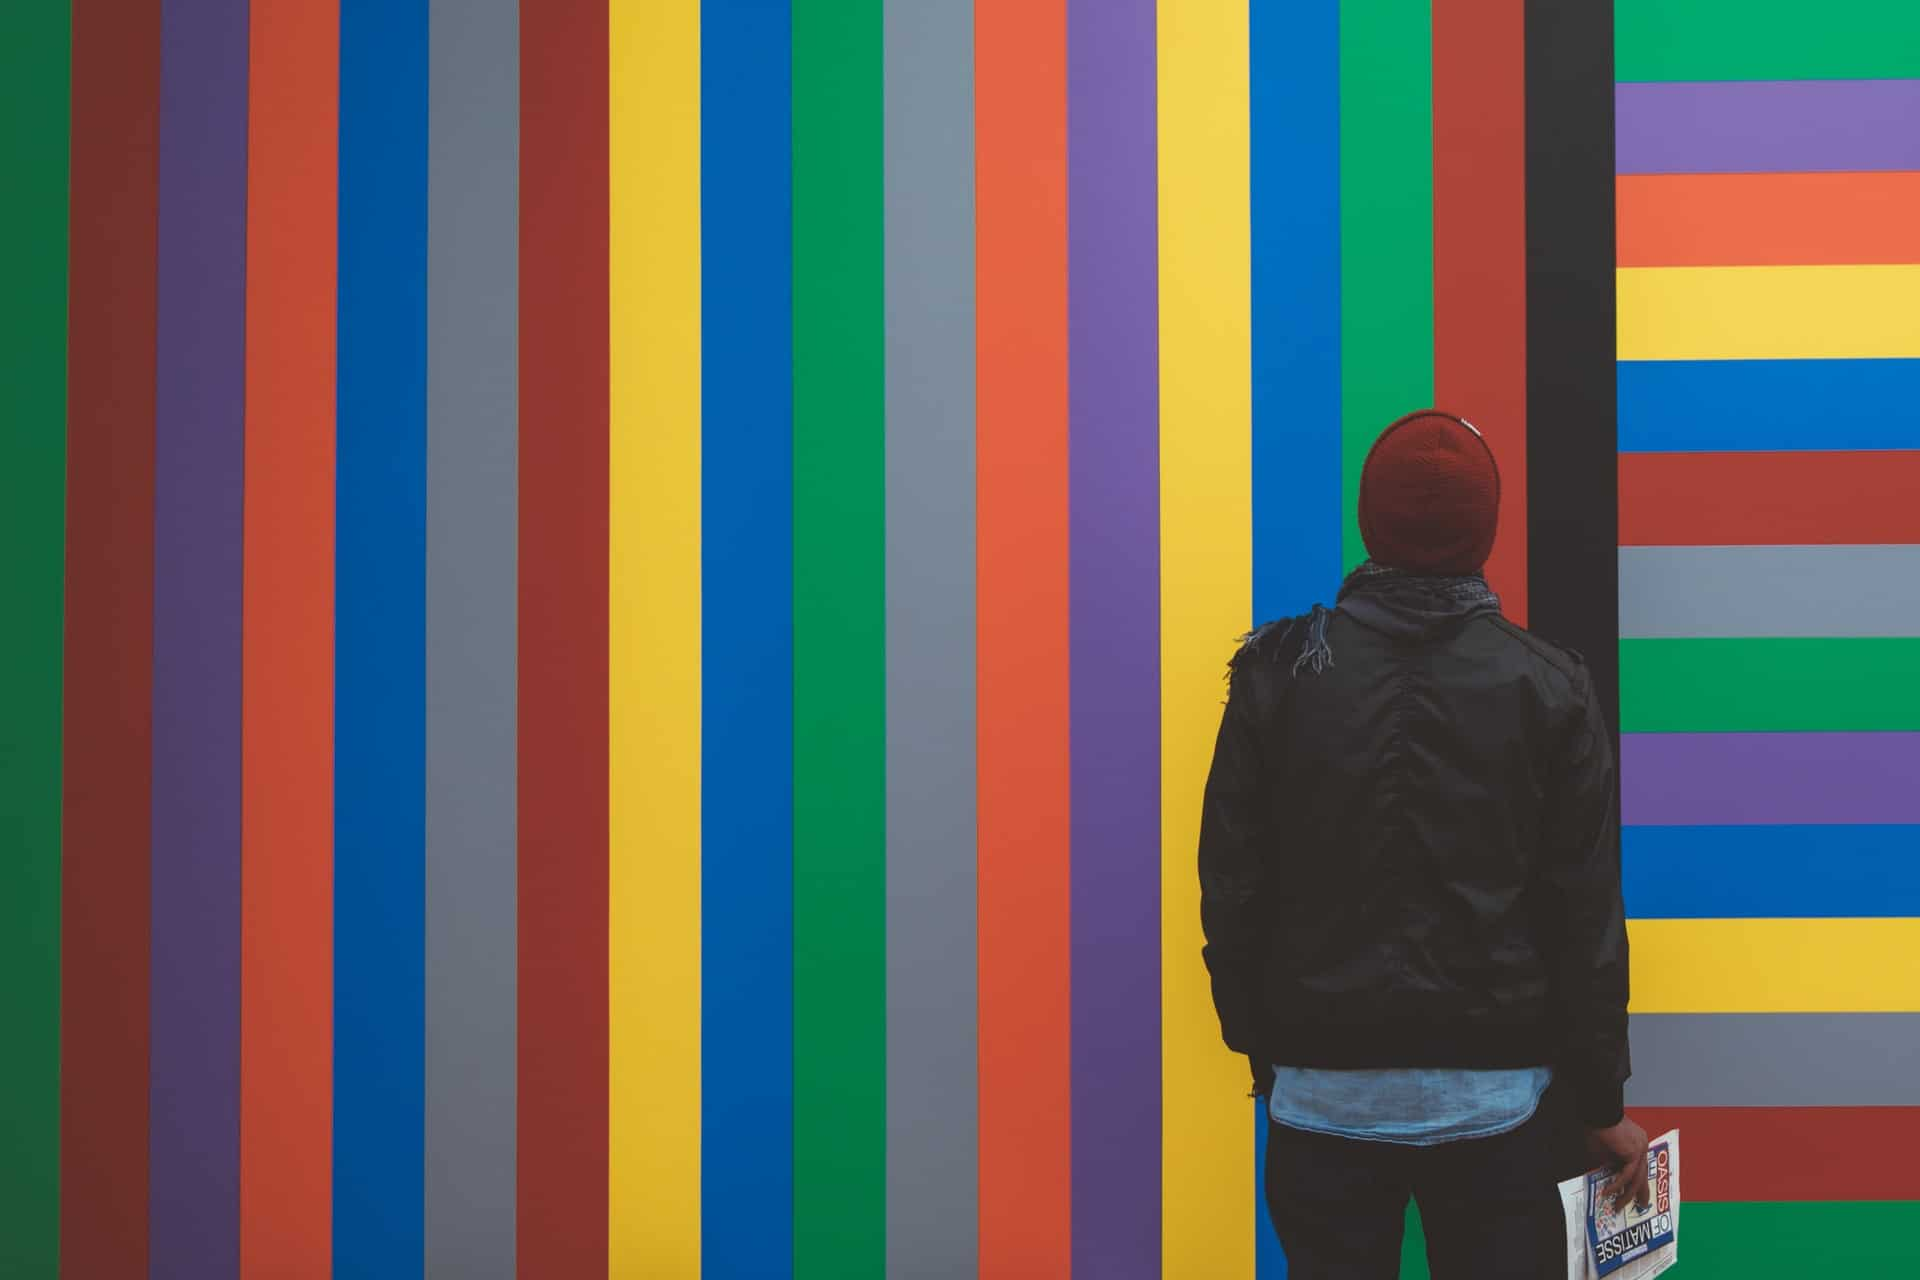 Man looking at colored wall